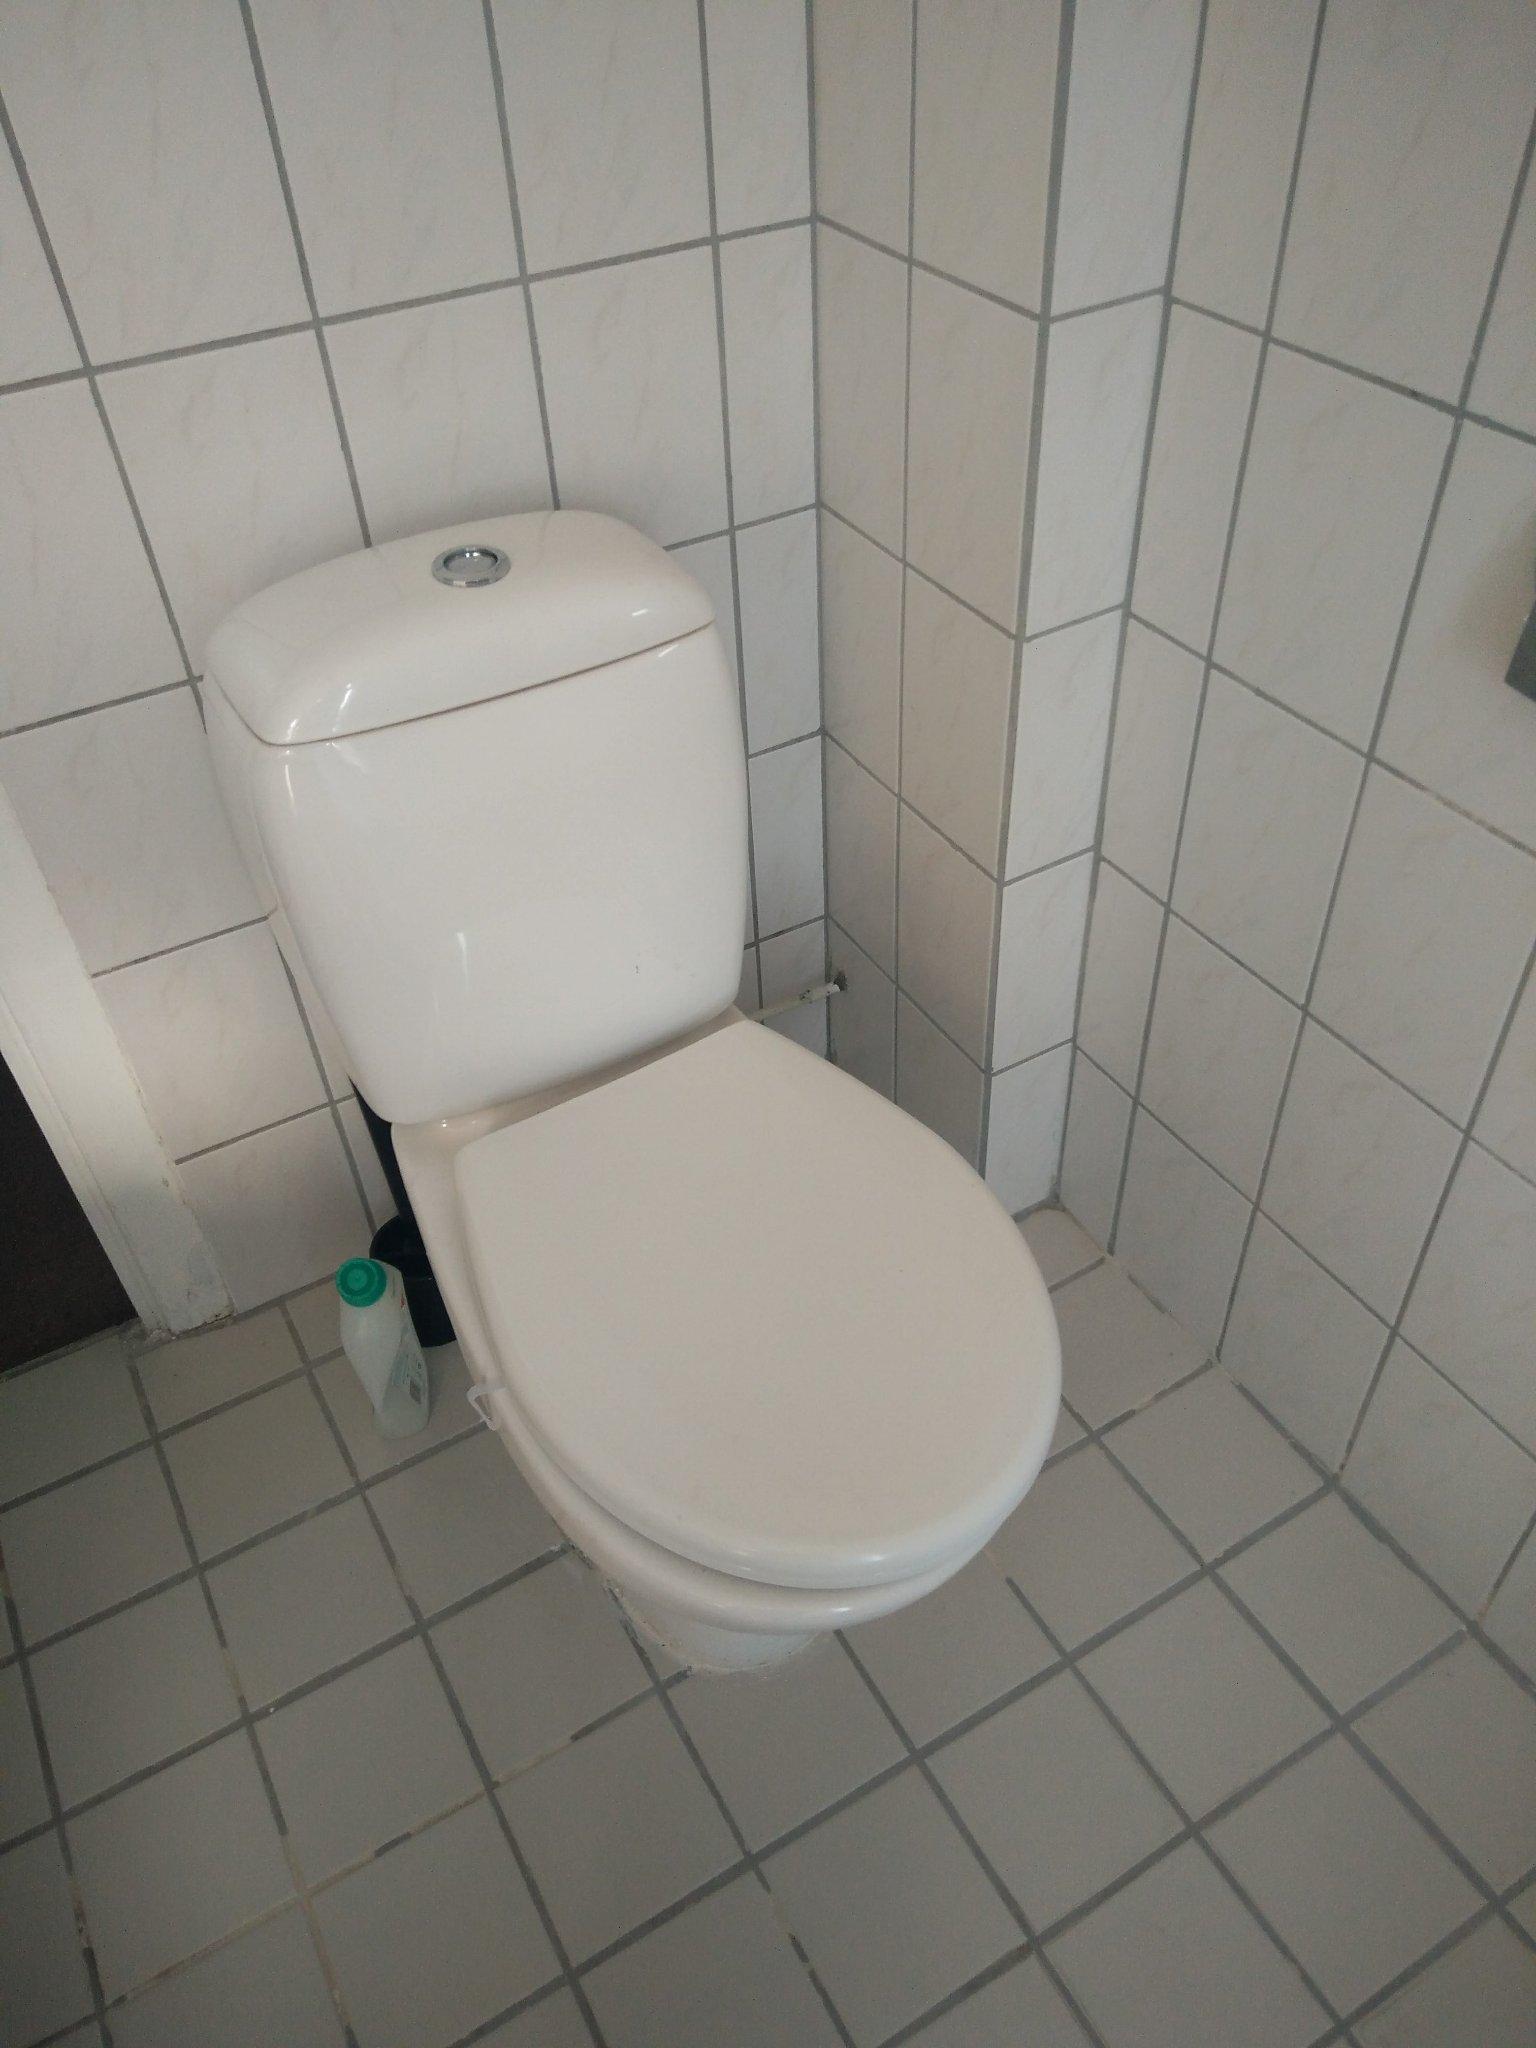 Drain Inloopdouche Inbouwen ~ Ontwerp inspiratie voor uw badkamer ...